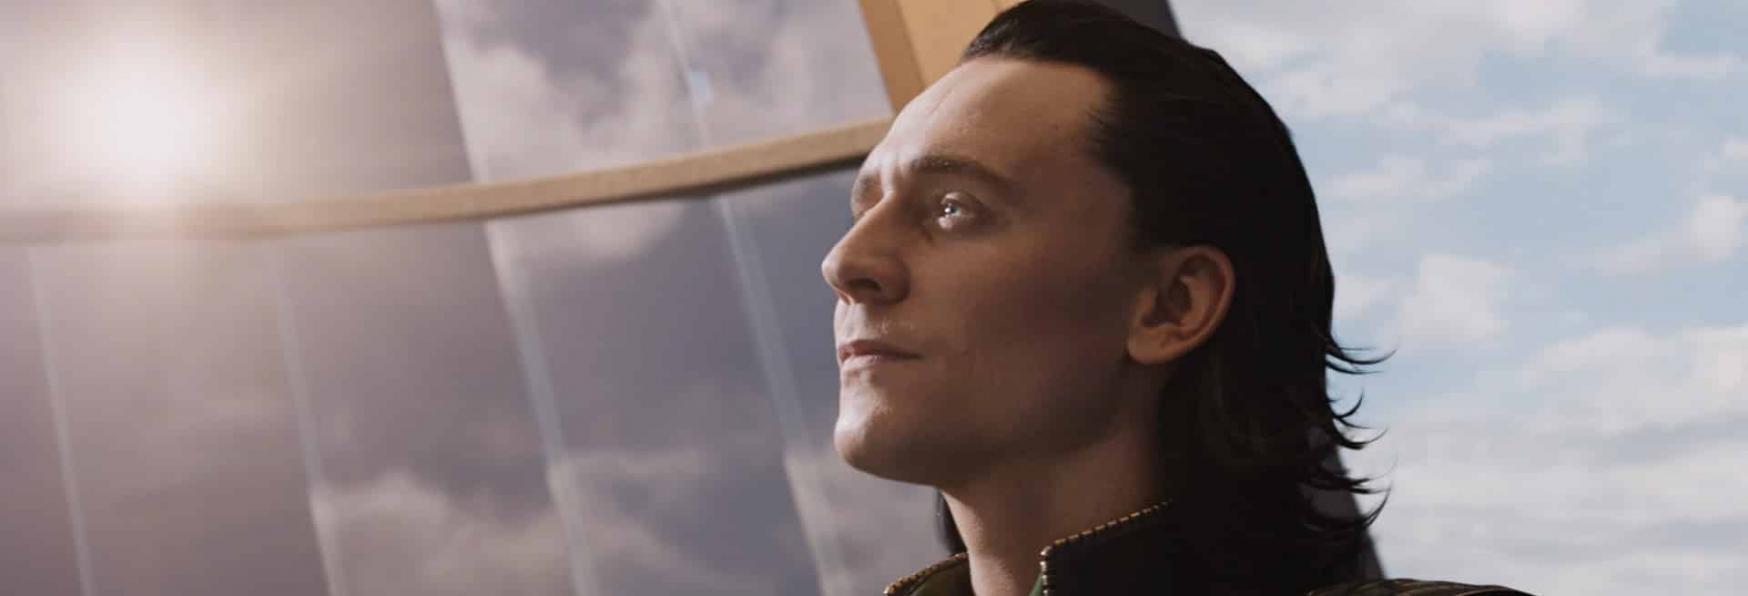 Loki: la Serie TV avrà una 2° Stagione? Lo Spoiler di Clark Gregg